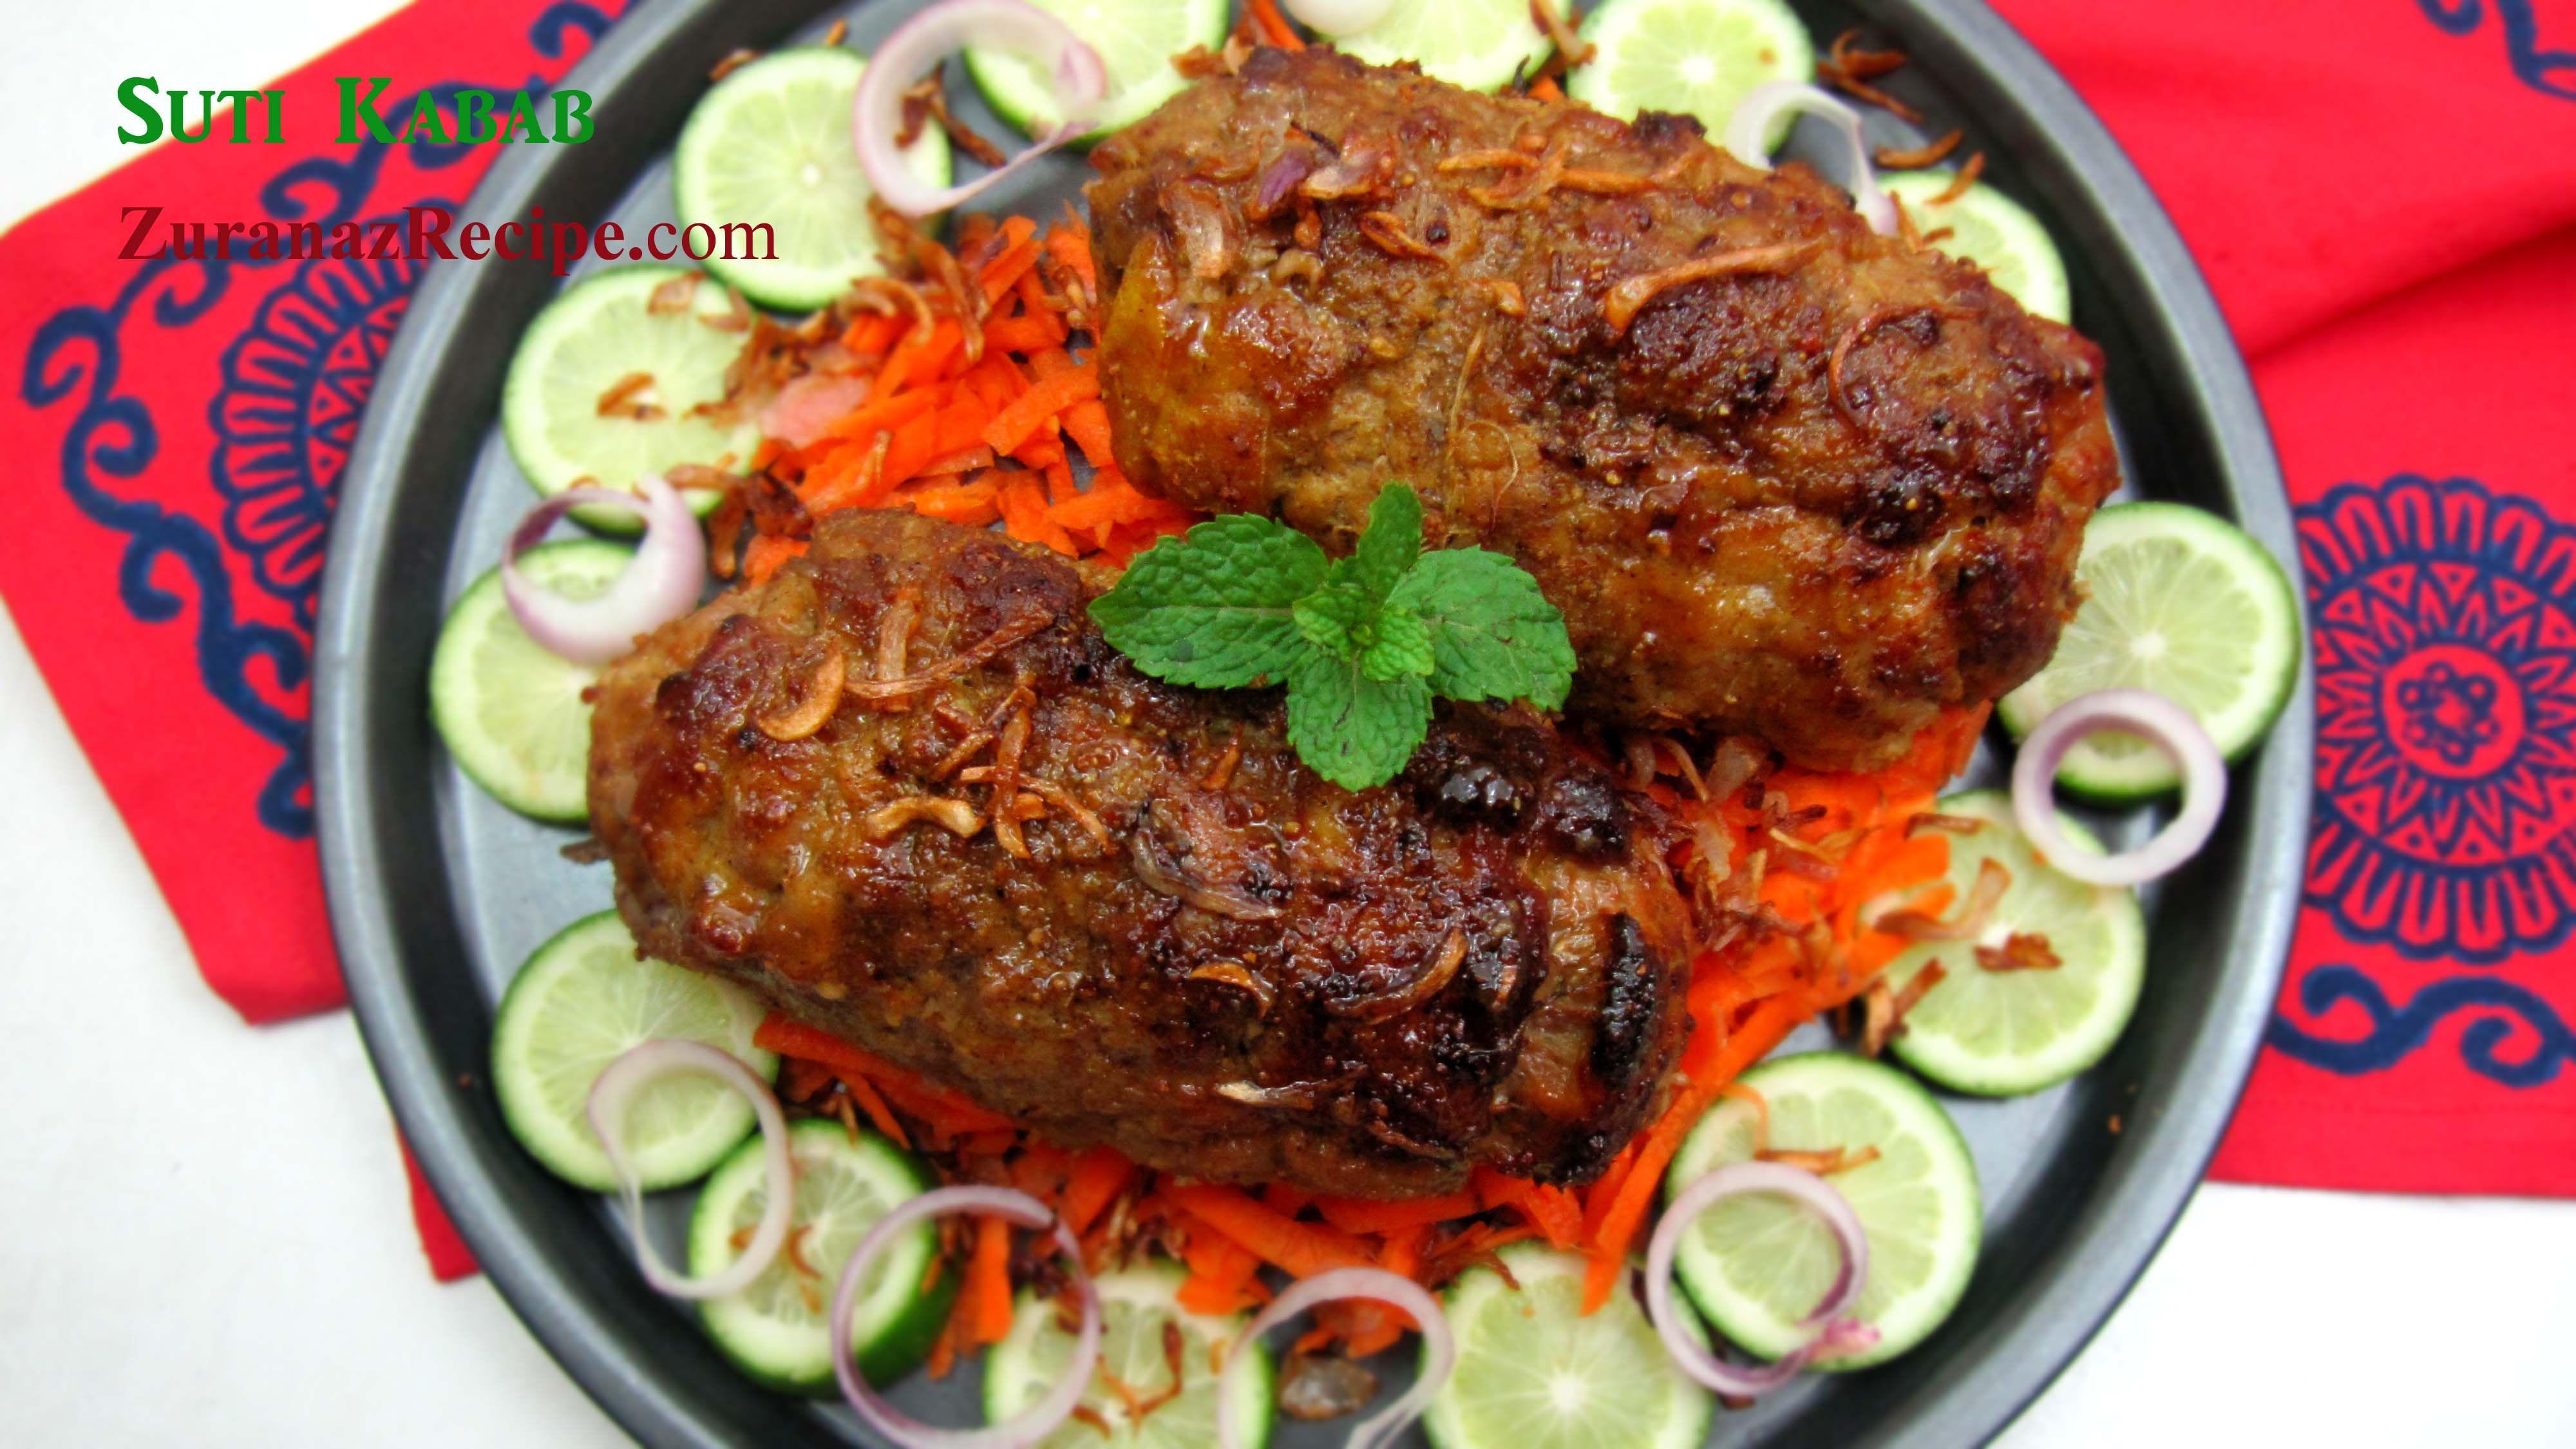 Suti kababsutli kababdhakai suti kabab bangla bangladeshi suti kababsutli kababdhakai suti kabab bangla bangladeshi bengali food forumfinder Gallery